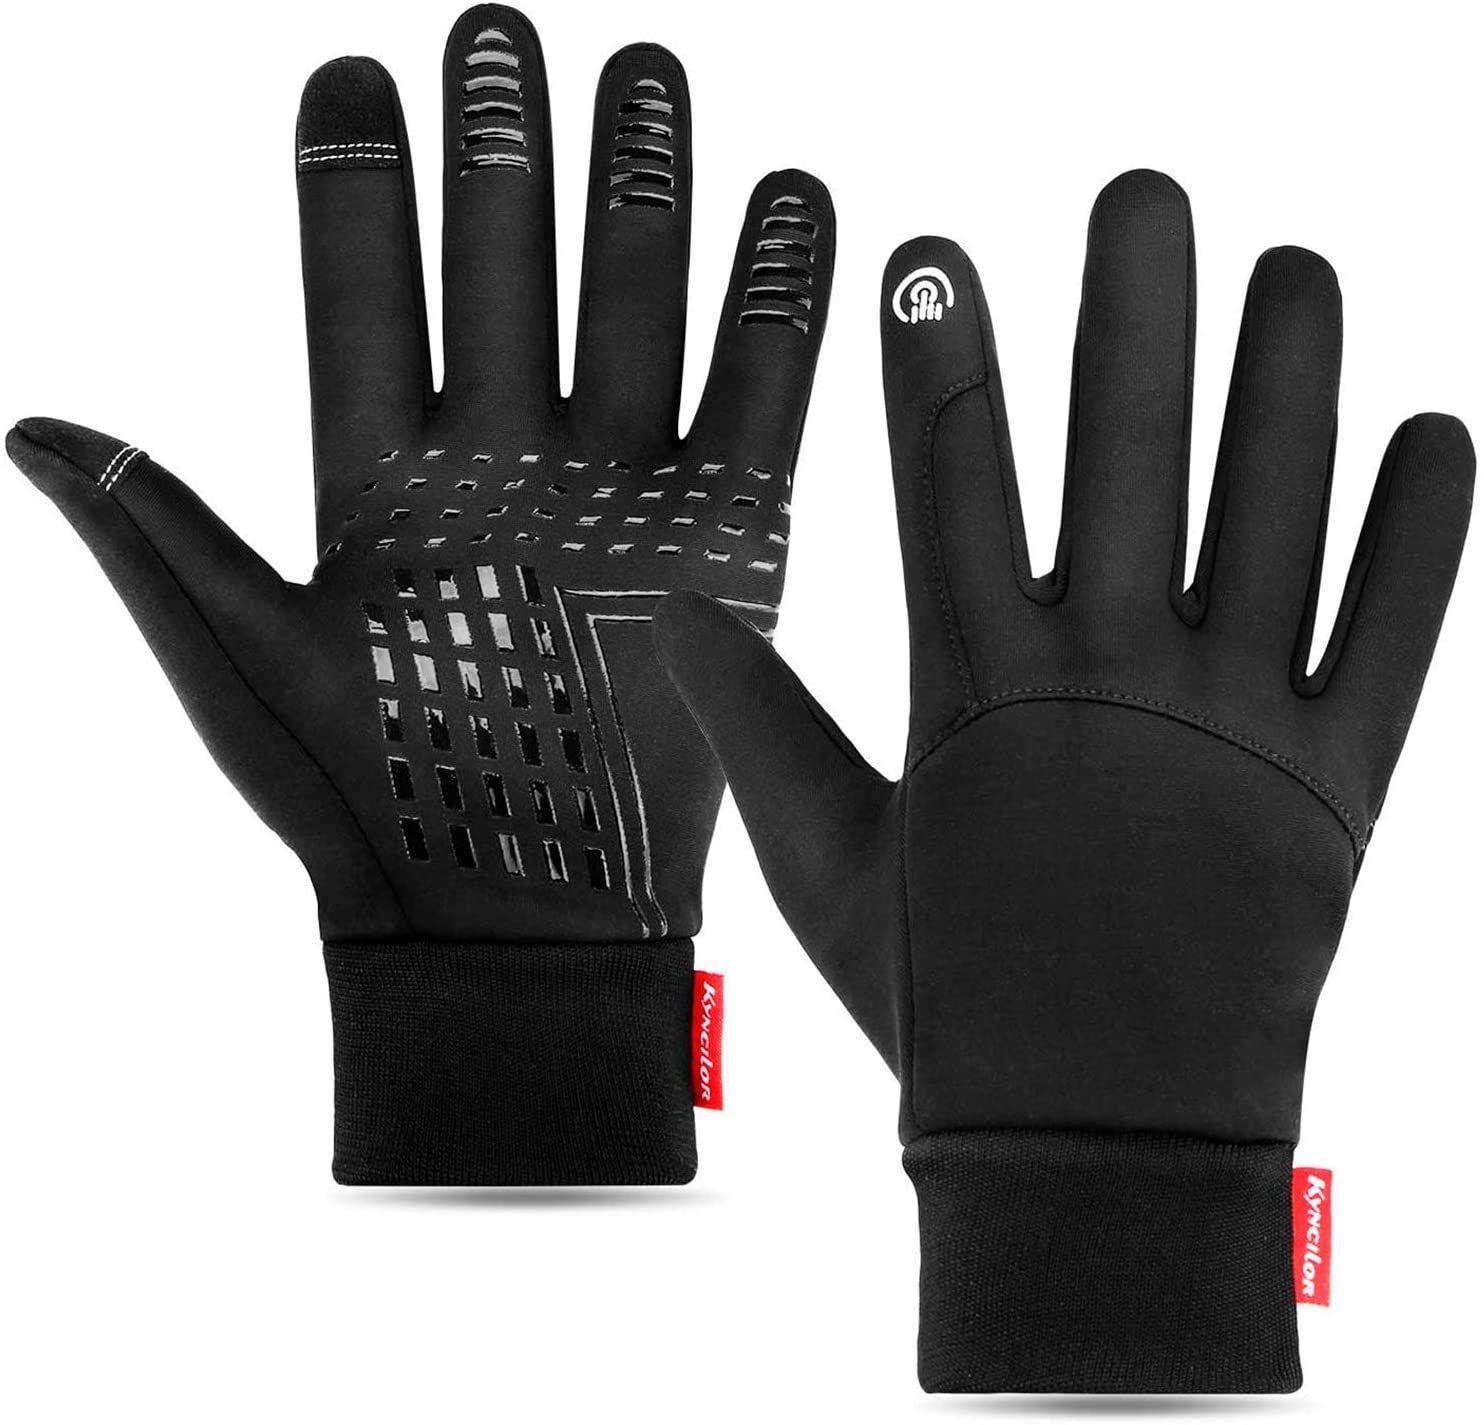 Wotek winter handschoenen heren